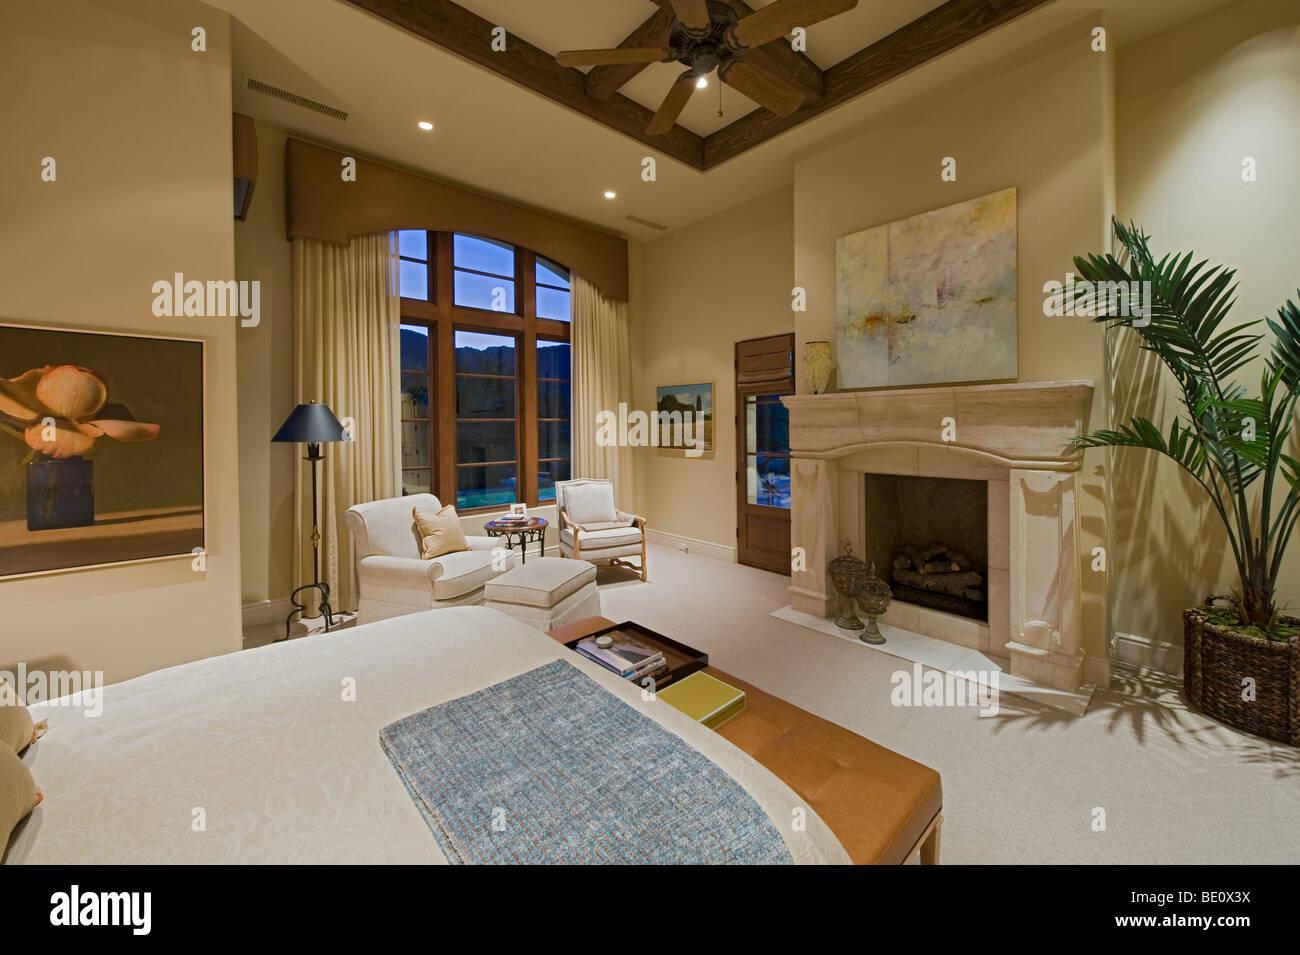 Foto Di Soffitti Con Travi In Legno : Residenziale elegante suite di camera da letto con travi di legno